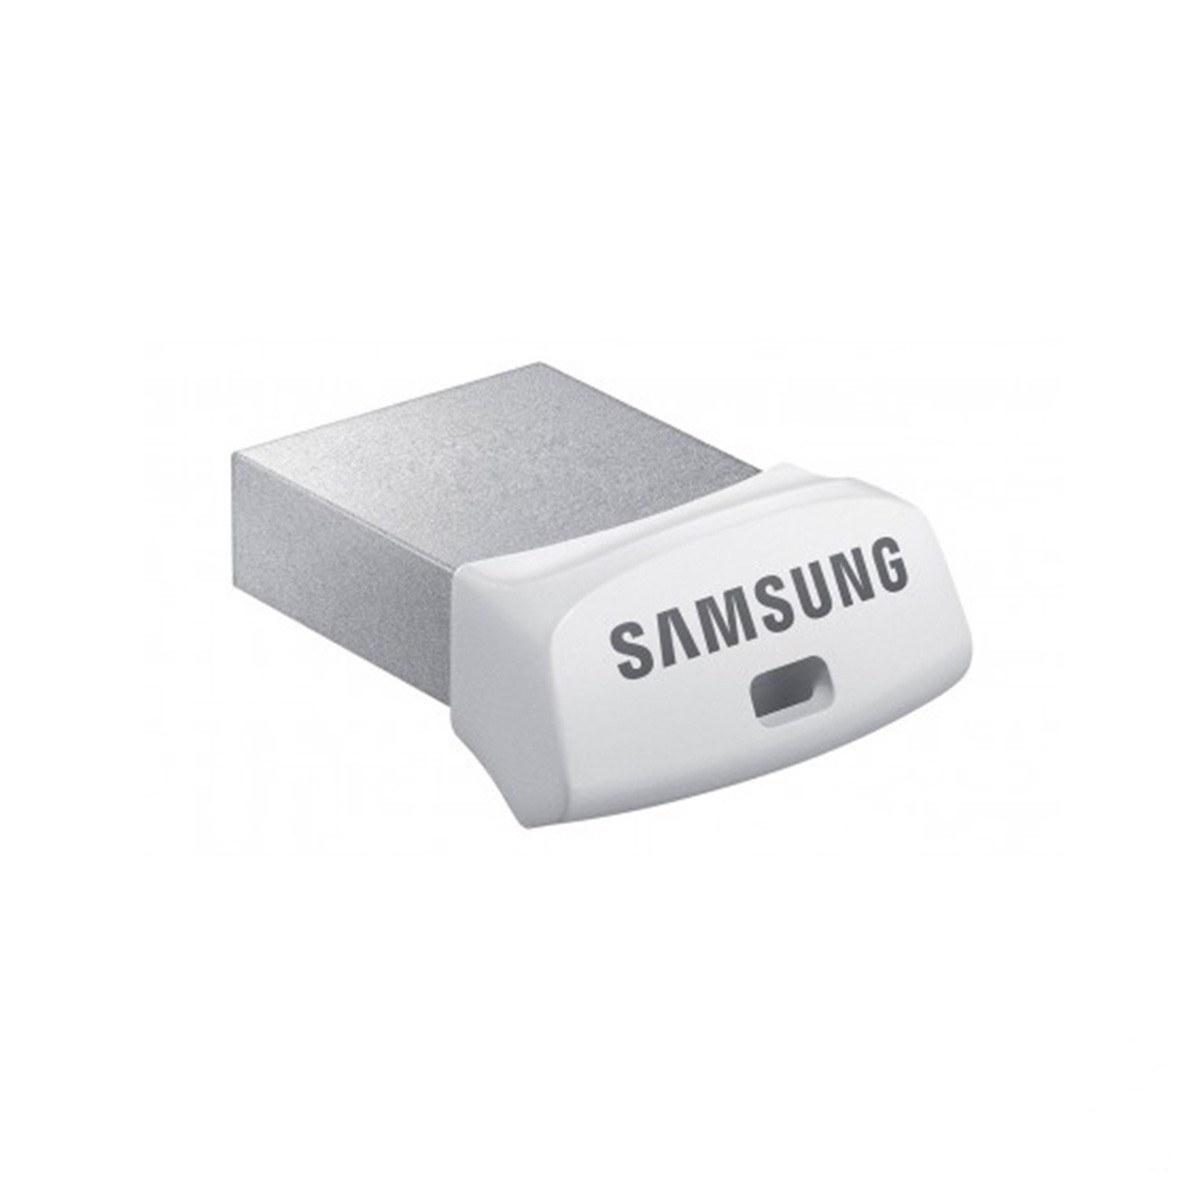 تصویر فلش مموری سامسونگ مدل USB 2.0 FLASh Drive fit  ظرفیت 16گیگابایت